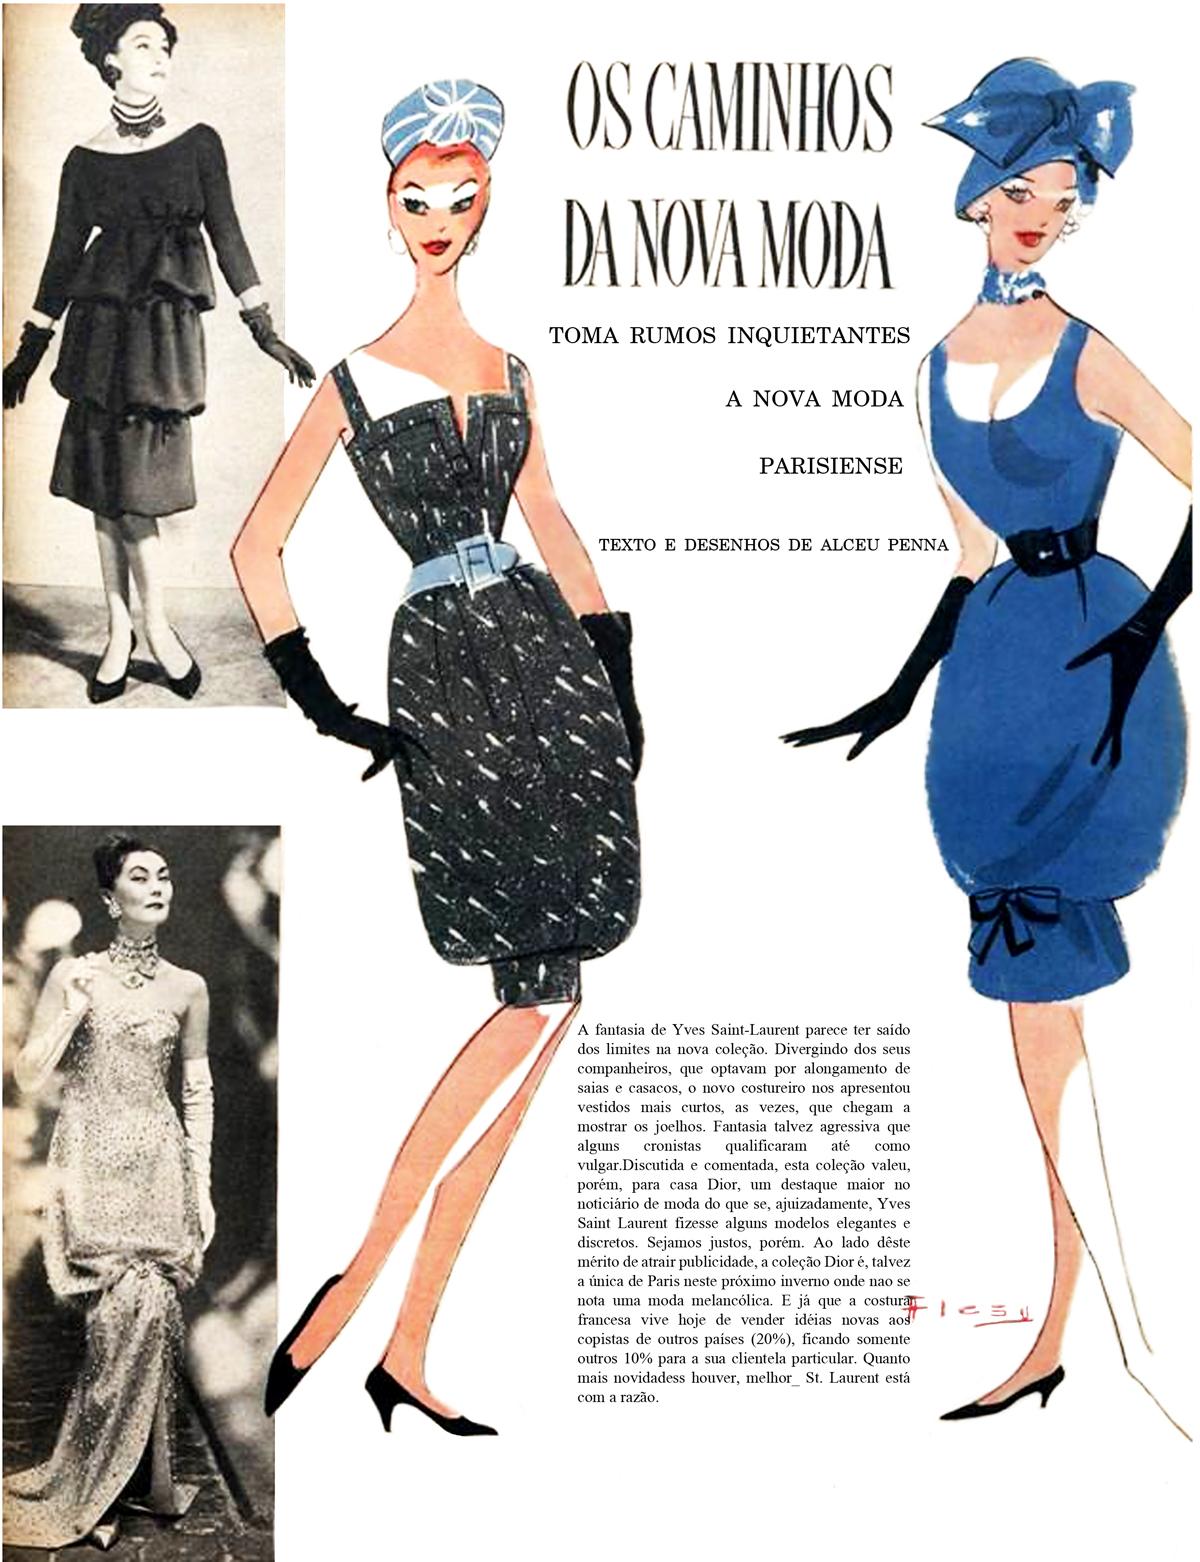 Os caminhos da nova moda copy